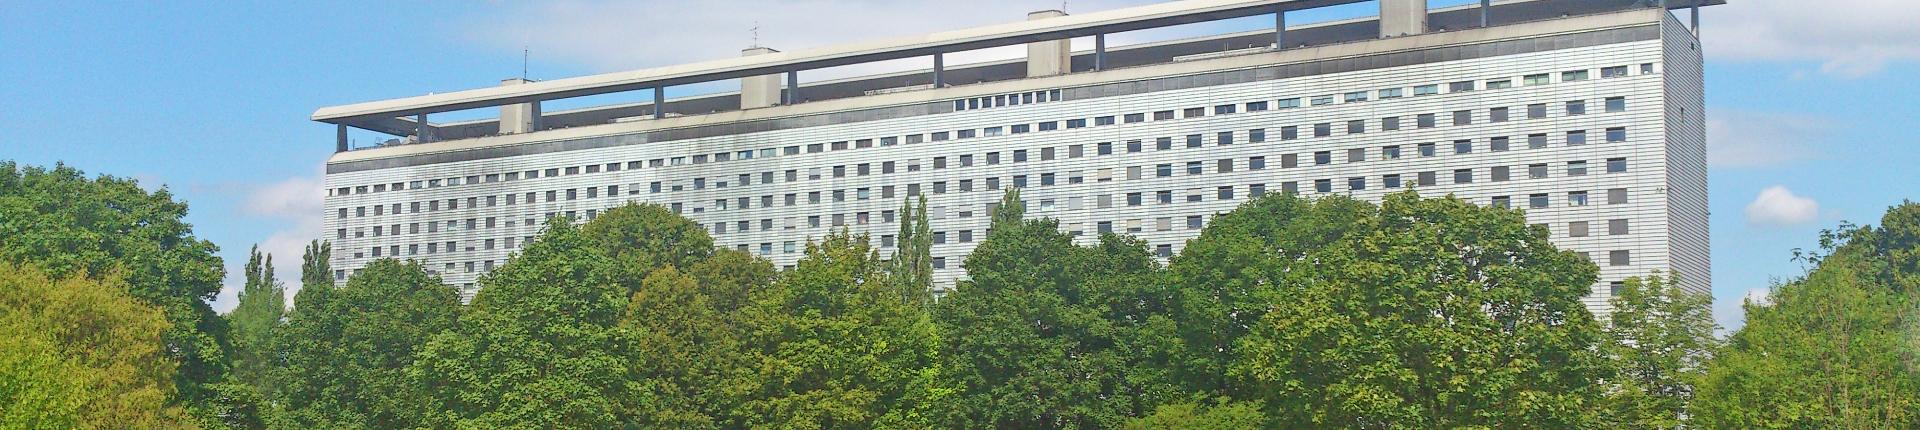 медицинский центр мюнхенского университета